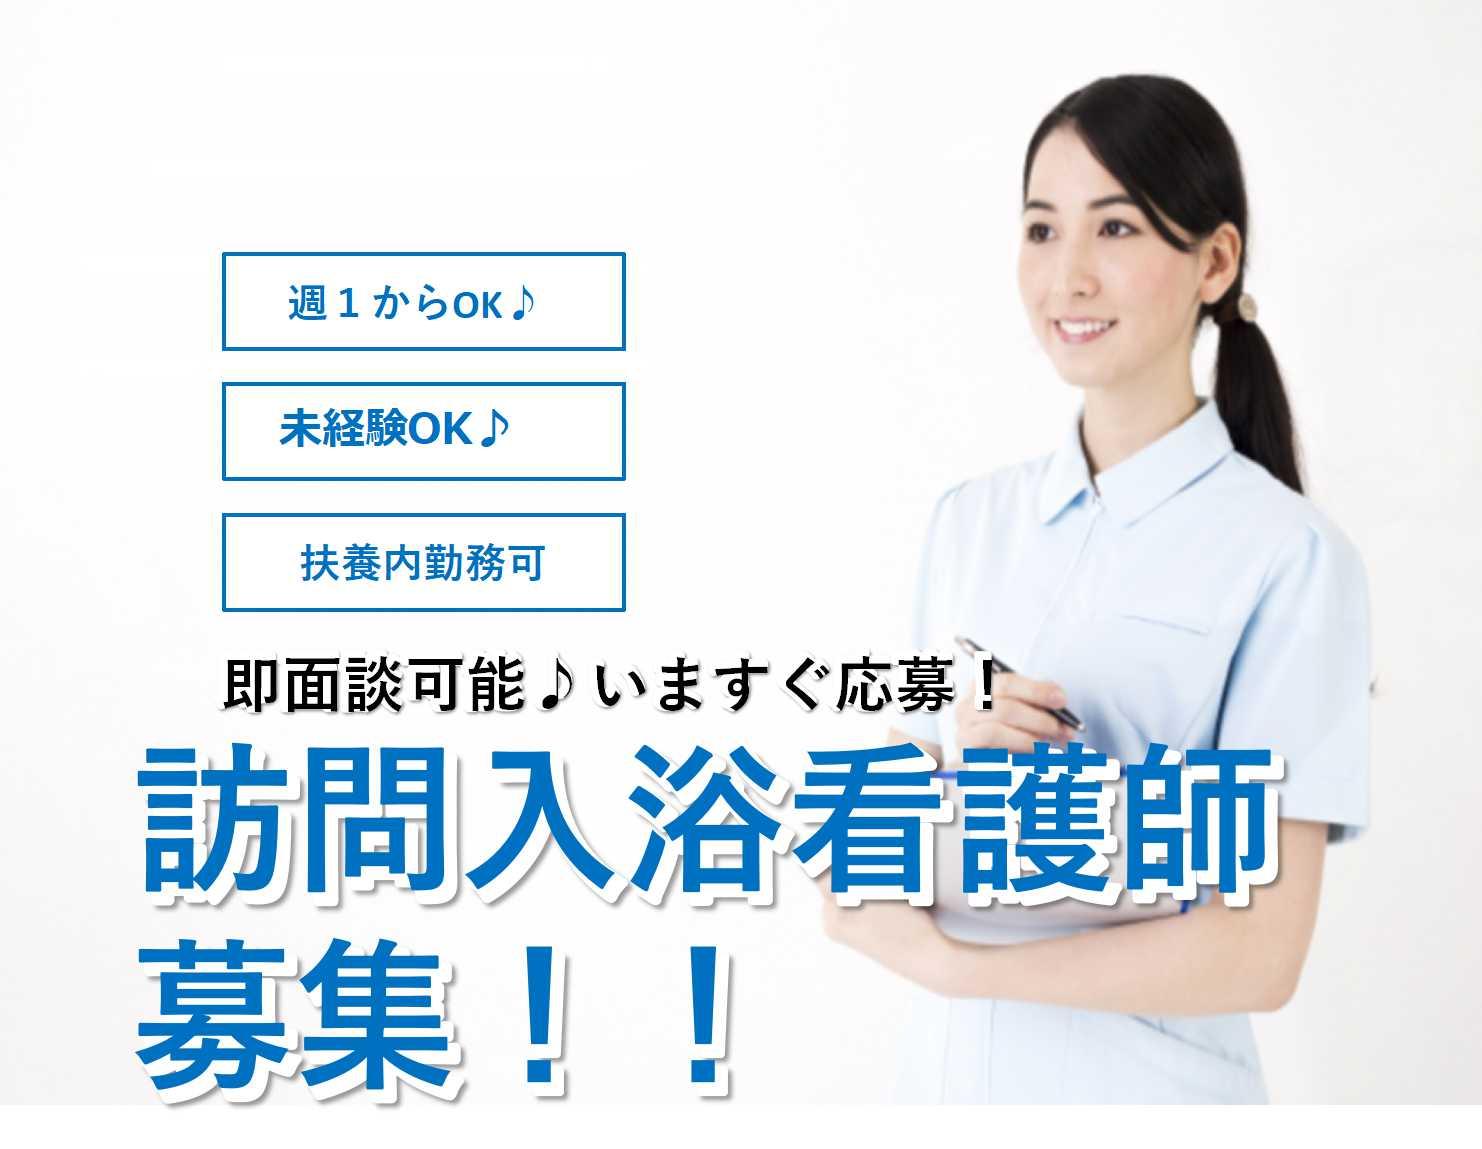 扶養内勤務・Wワーク・未経験OK!訪問入浴看護師【即面談可能】 イメージ